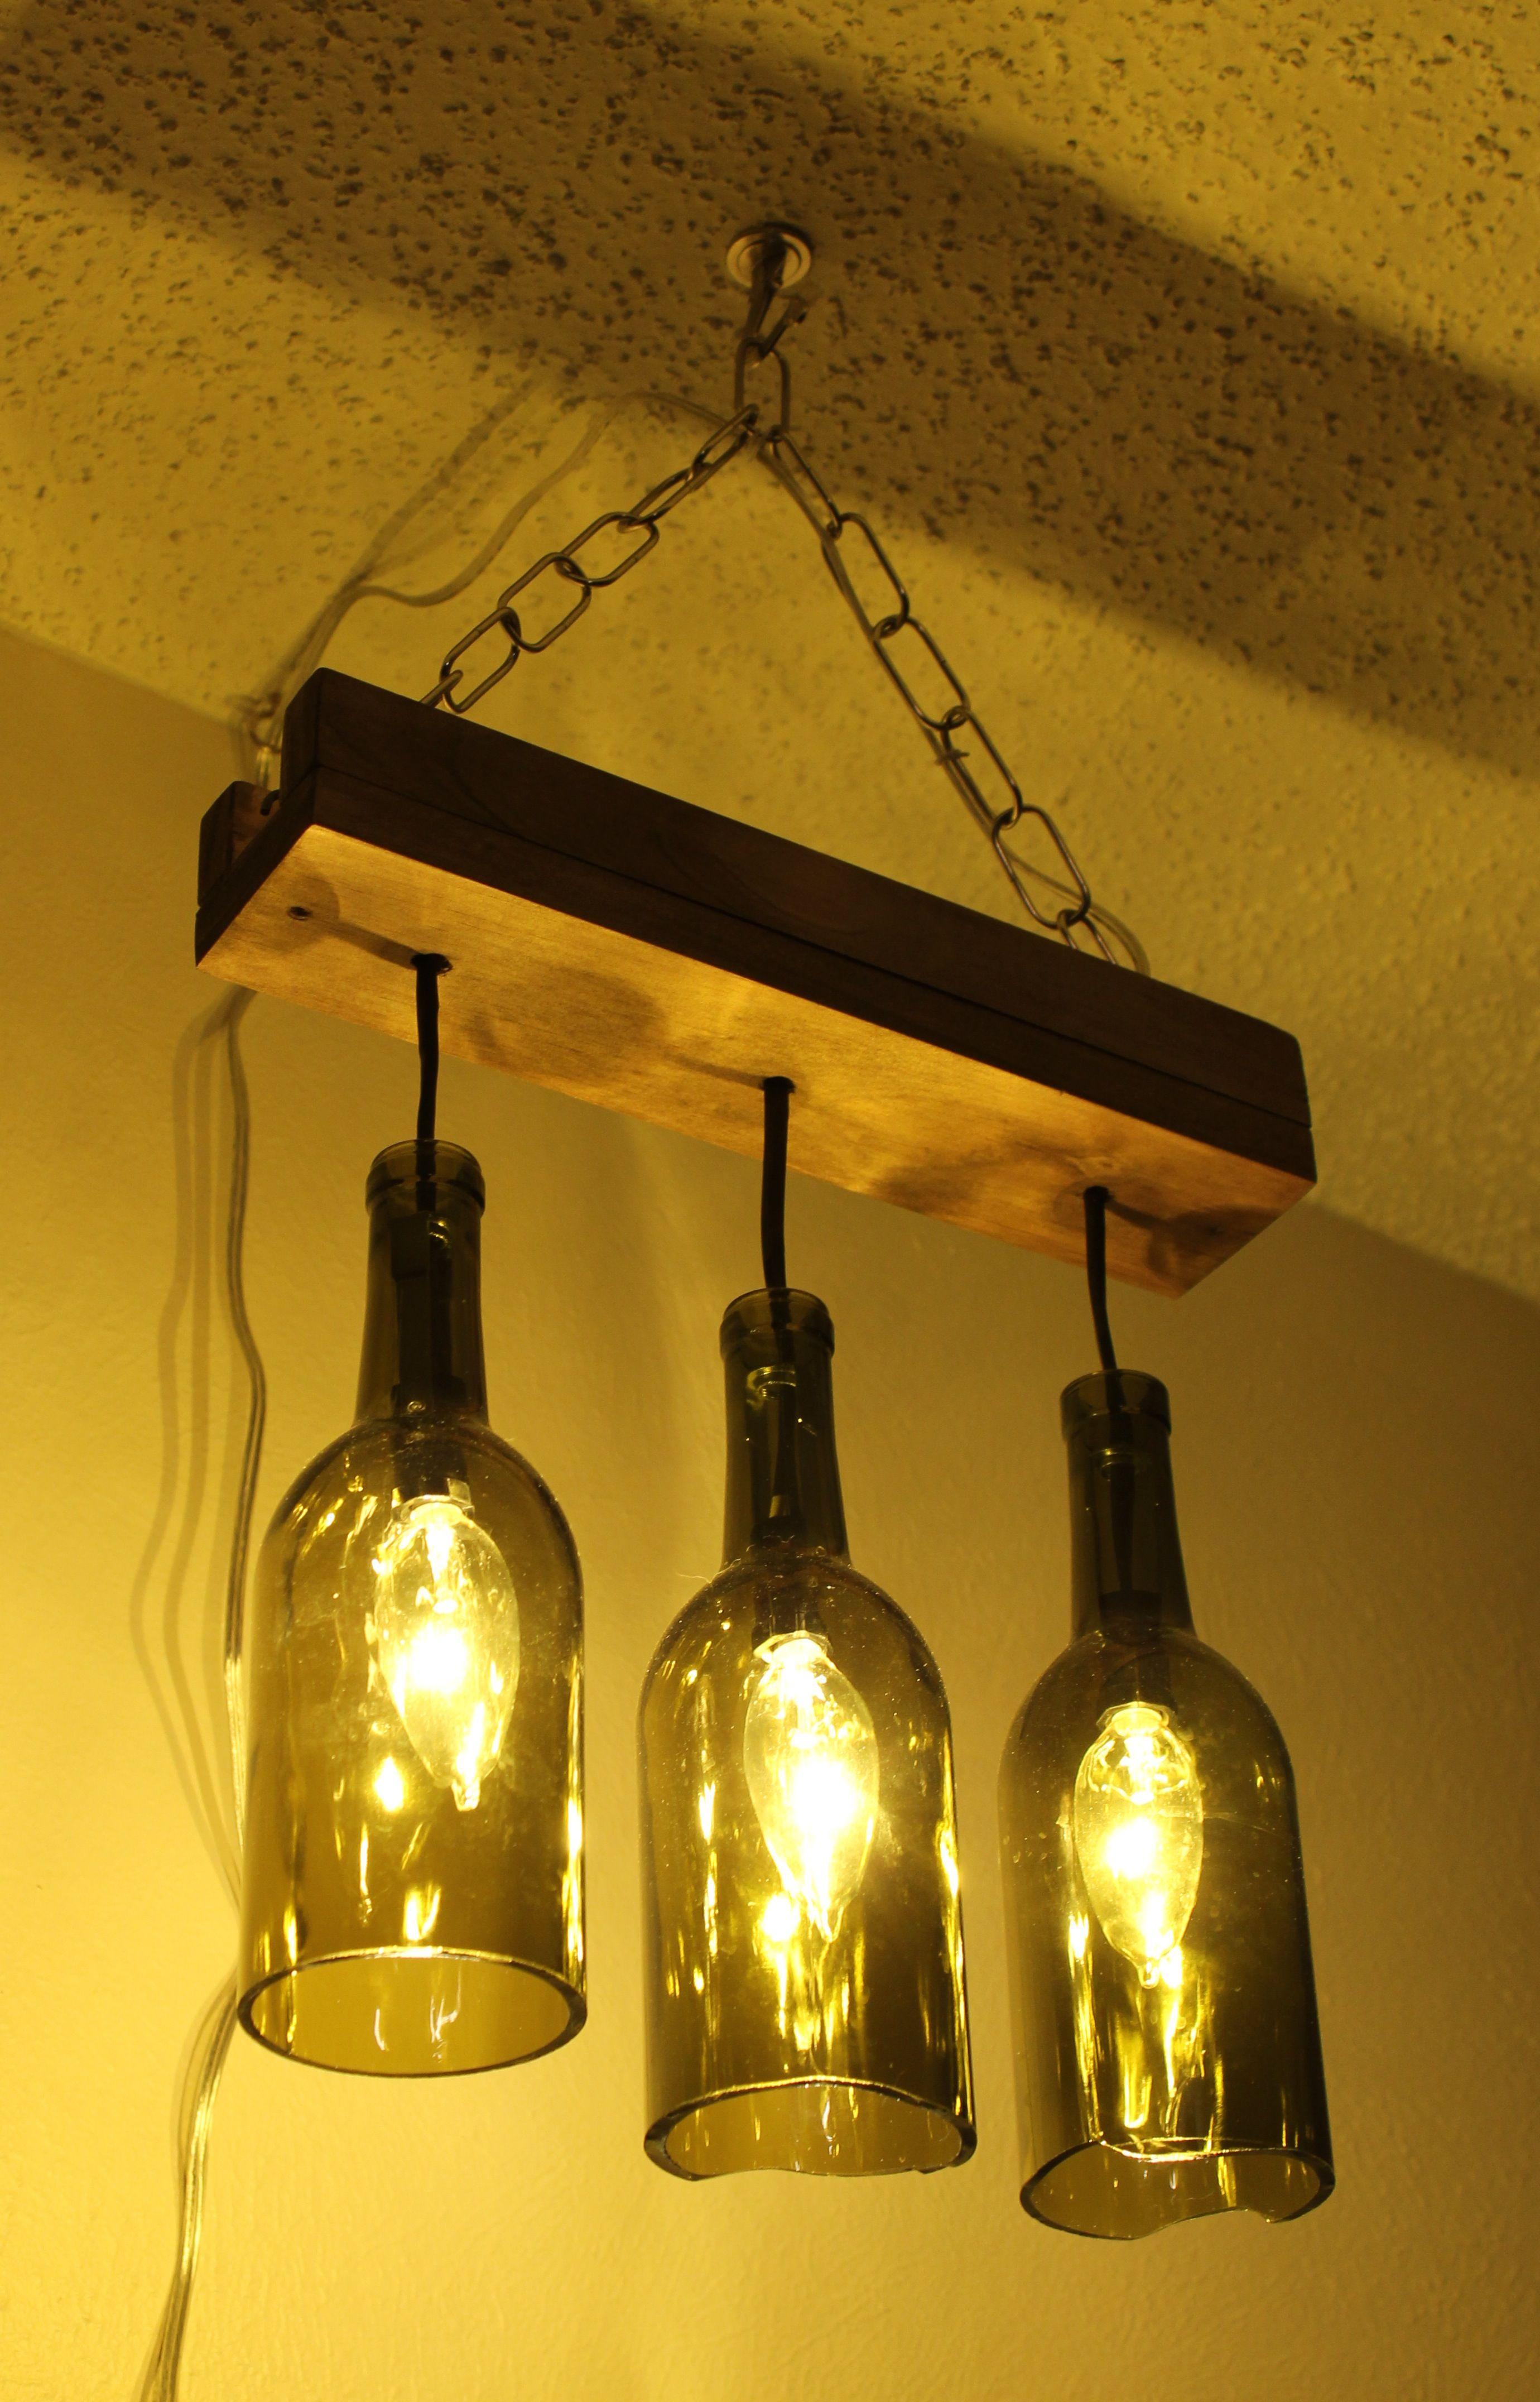 wine bottle crafts making a wine bottle chandelier laura makes diy and stuff pinterest. Black Bedroom Furniture Sets. Home Design Ideas